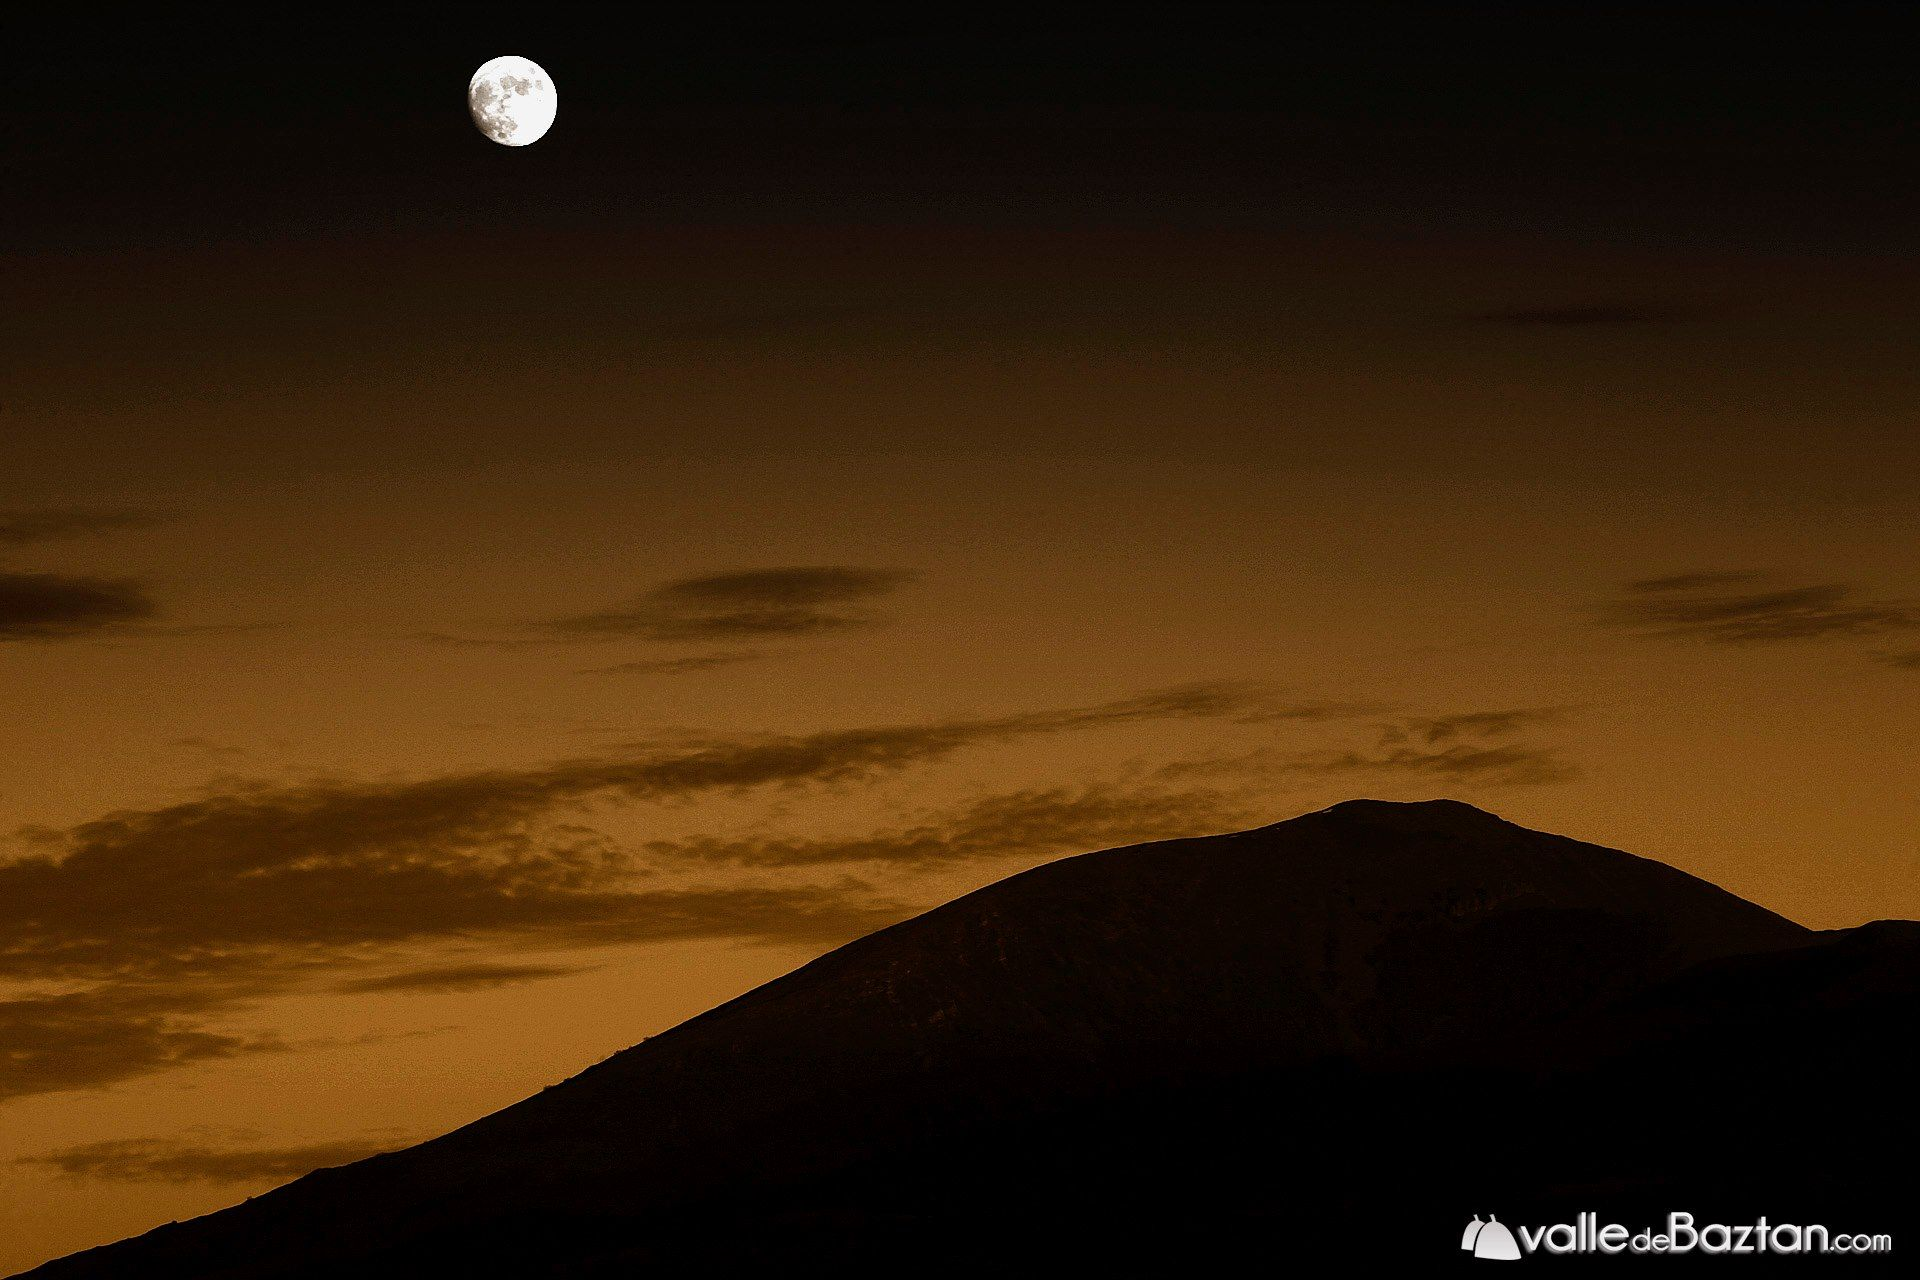 2013-12-18 Ilergie Auzan gibeletik, Baztango bigerren kaxkoik altuena.--- La luna sobre el monte Auza, segunda cumbre en altura del Valle.